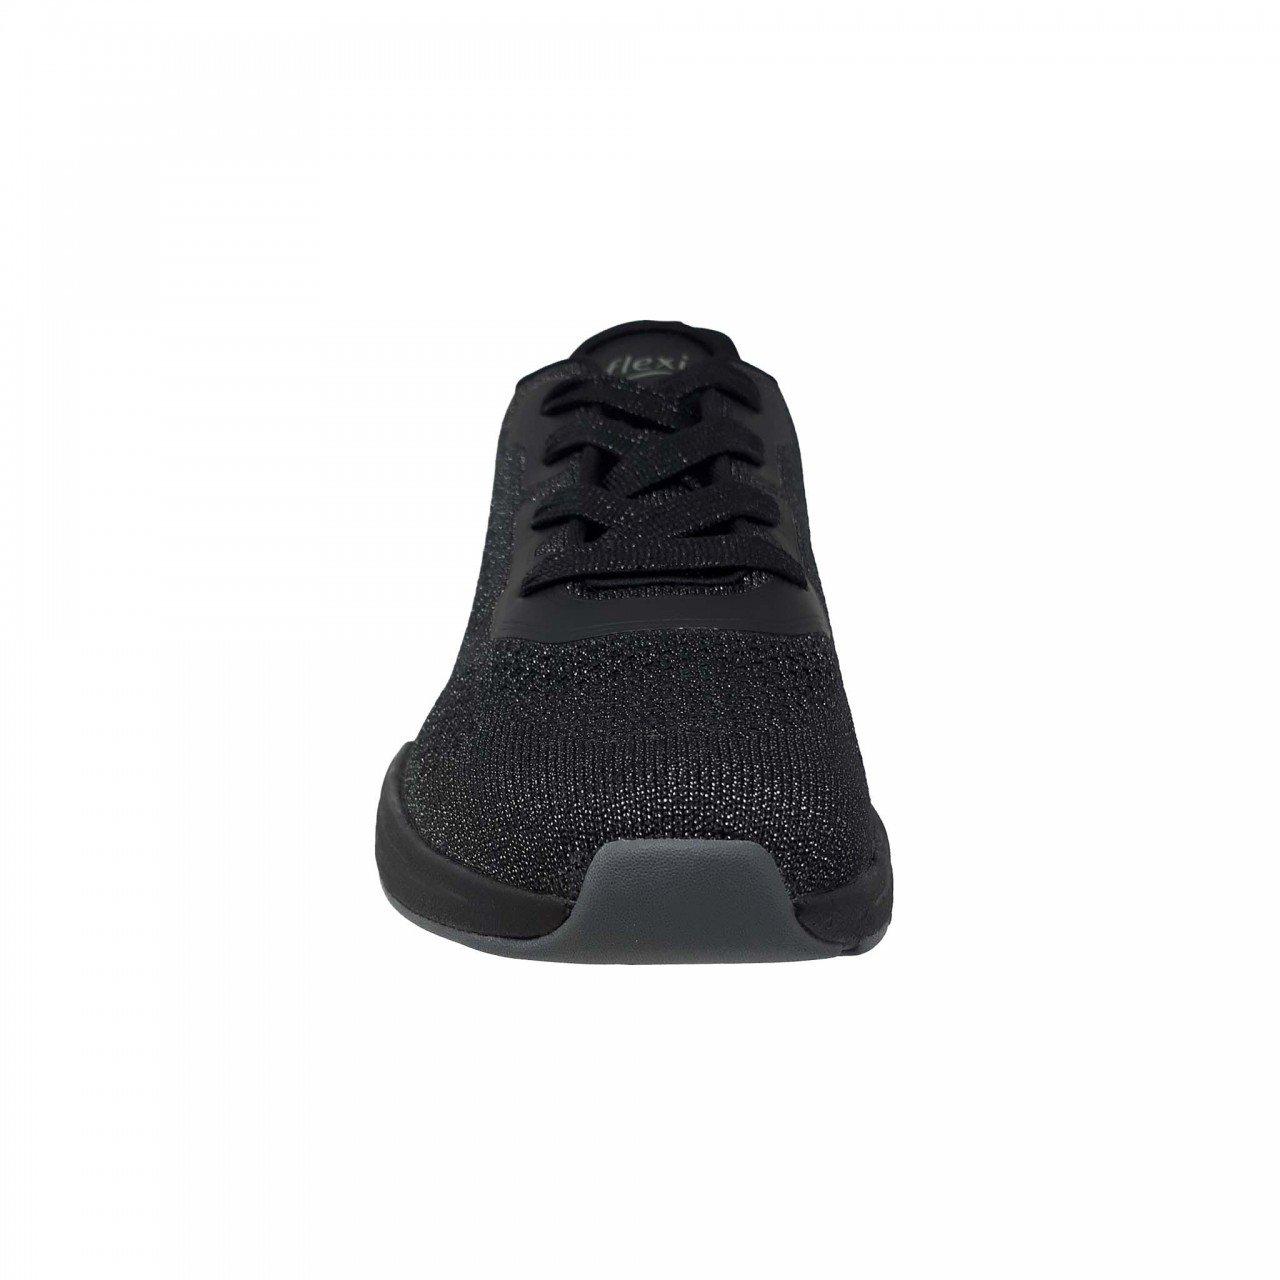 Tenis tejido negro para mujer Flexi 105103